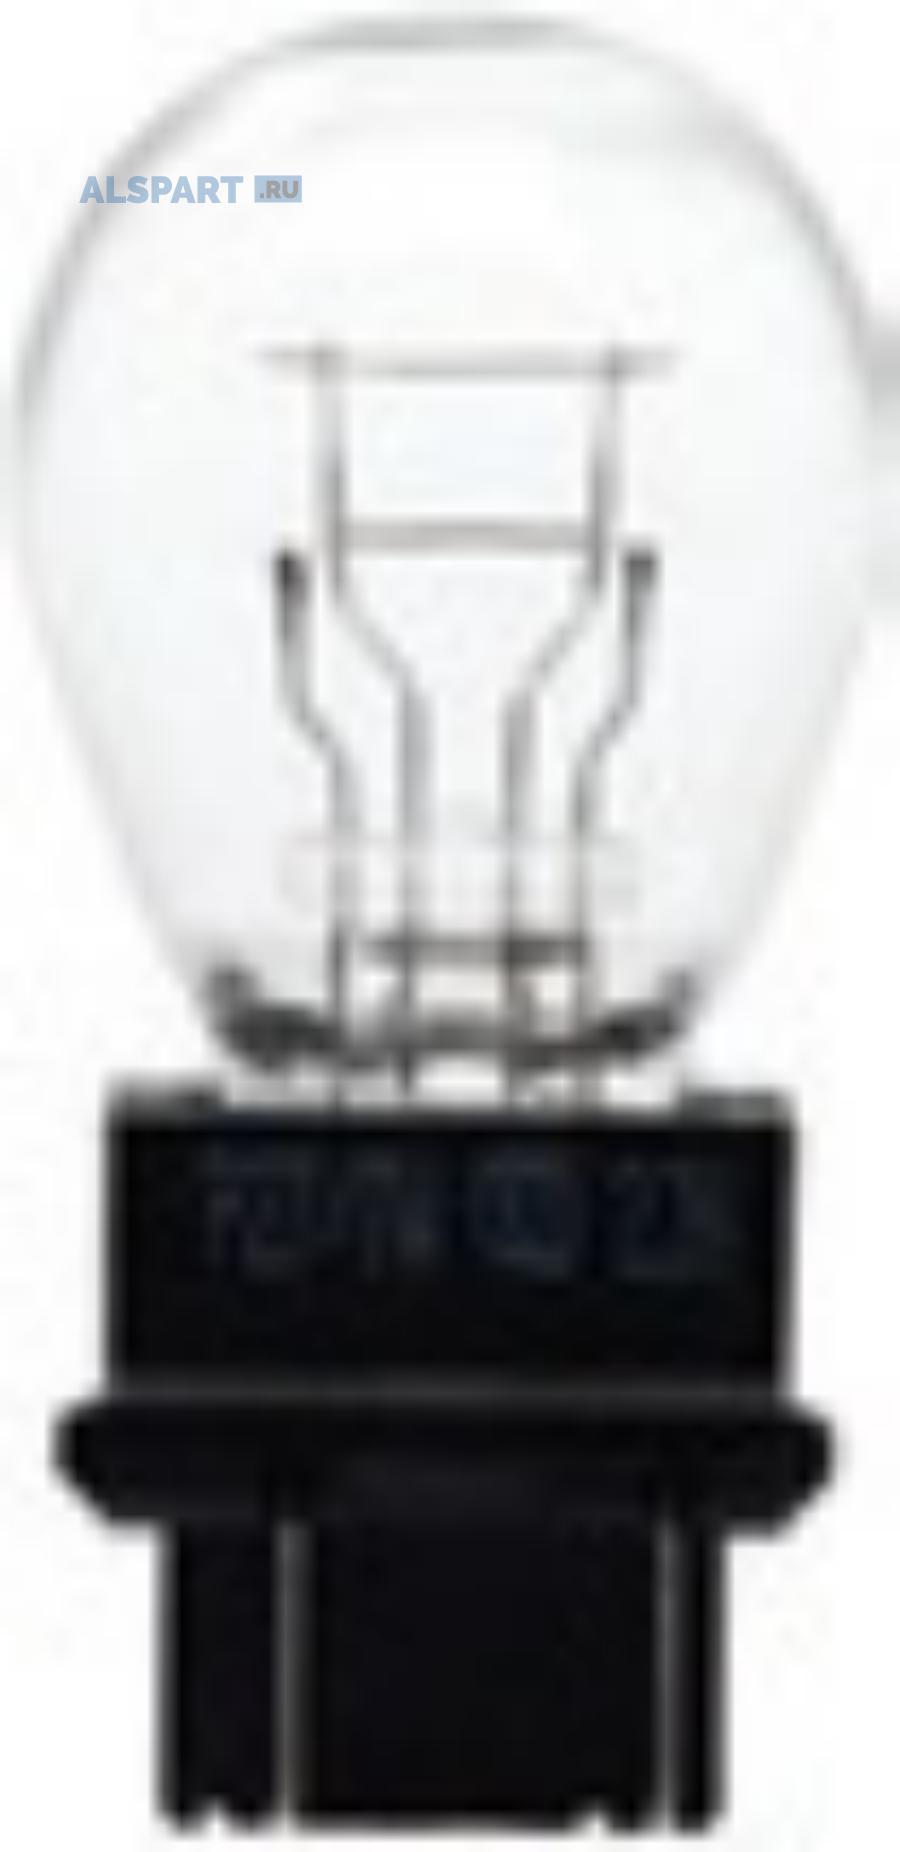 Лампа P27/7W 12V W2,5x16q